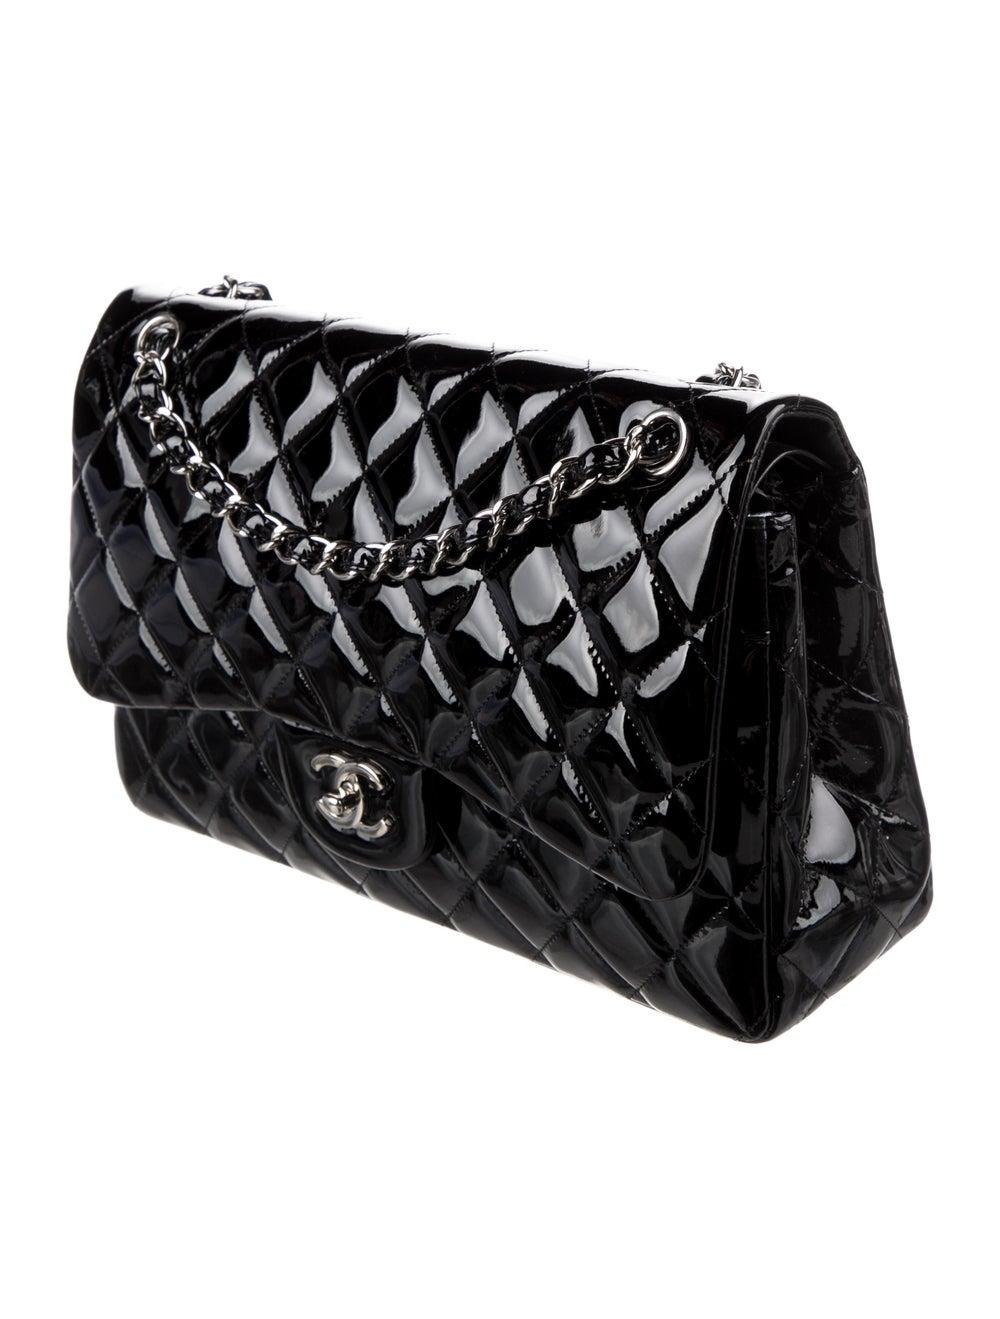 Chanel Classic Jumbo Double Flap Bag Black - image 3